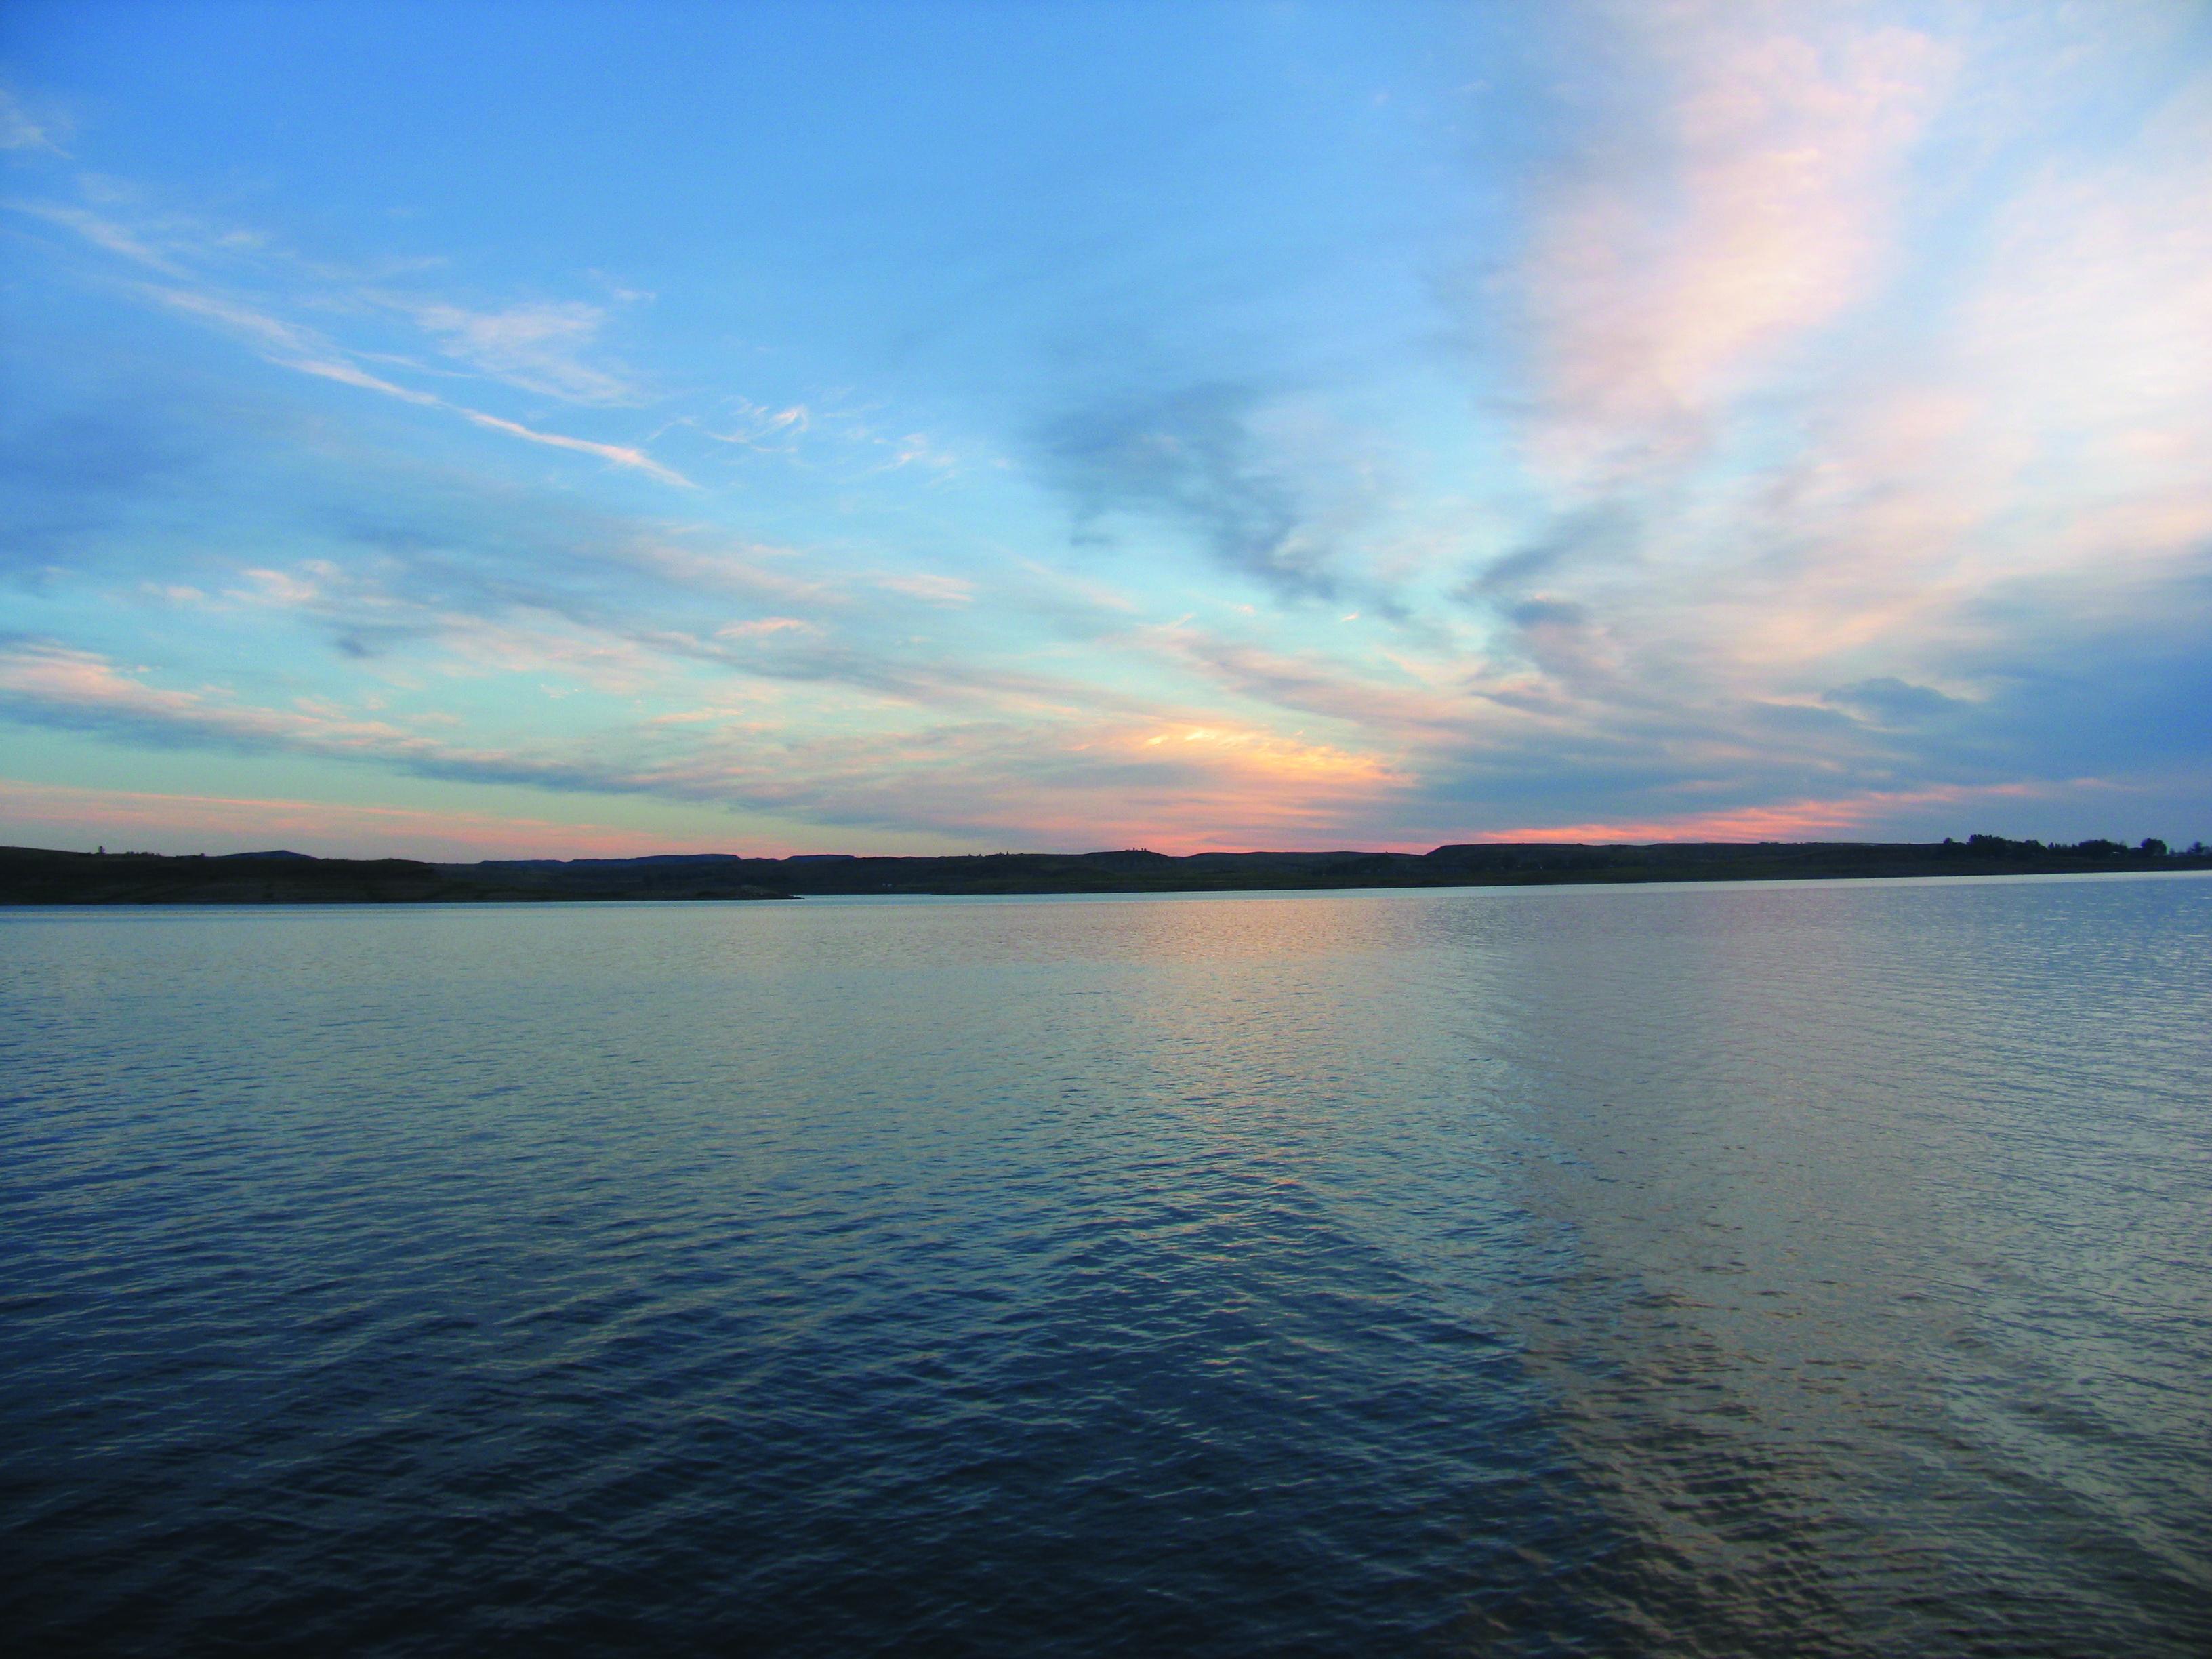 Lake Sakakawea